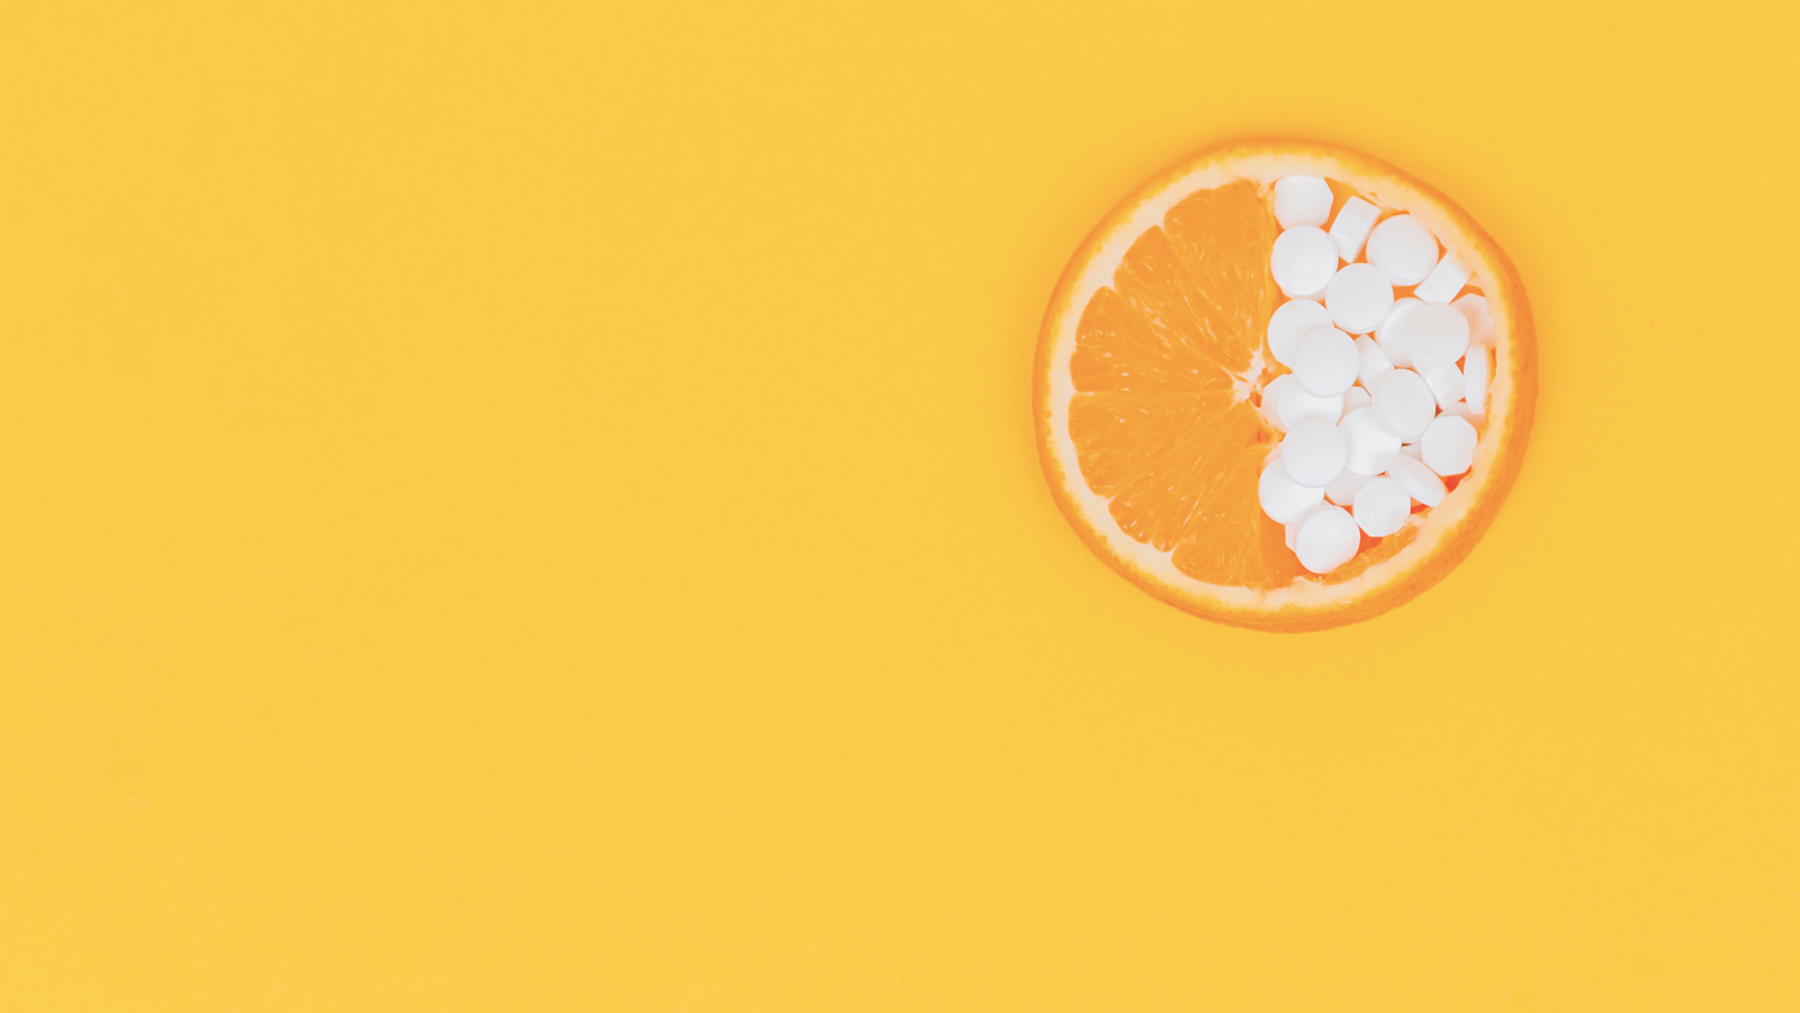 Supementos nutricionales